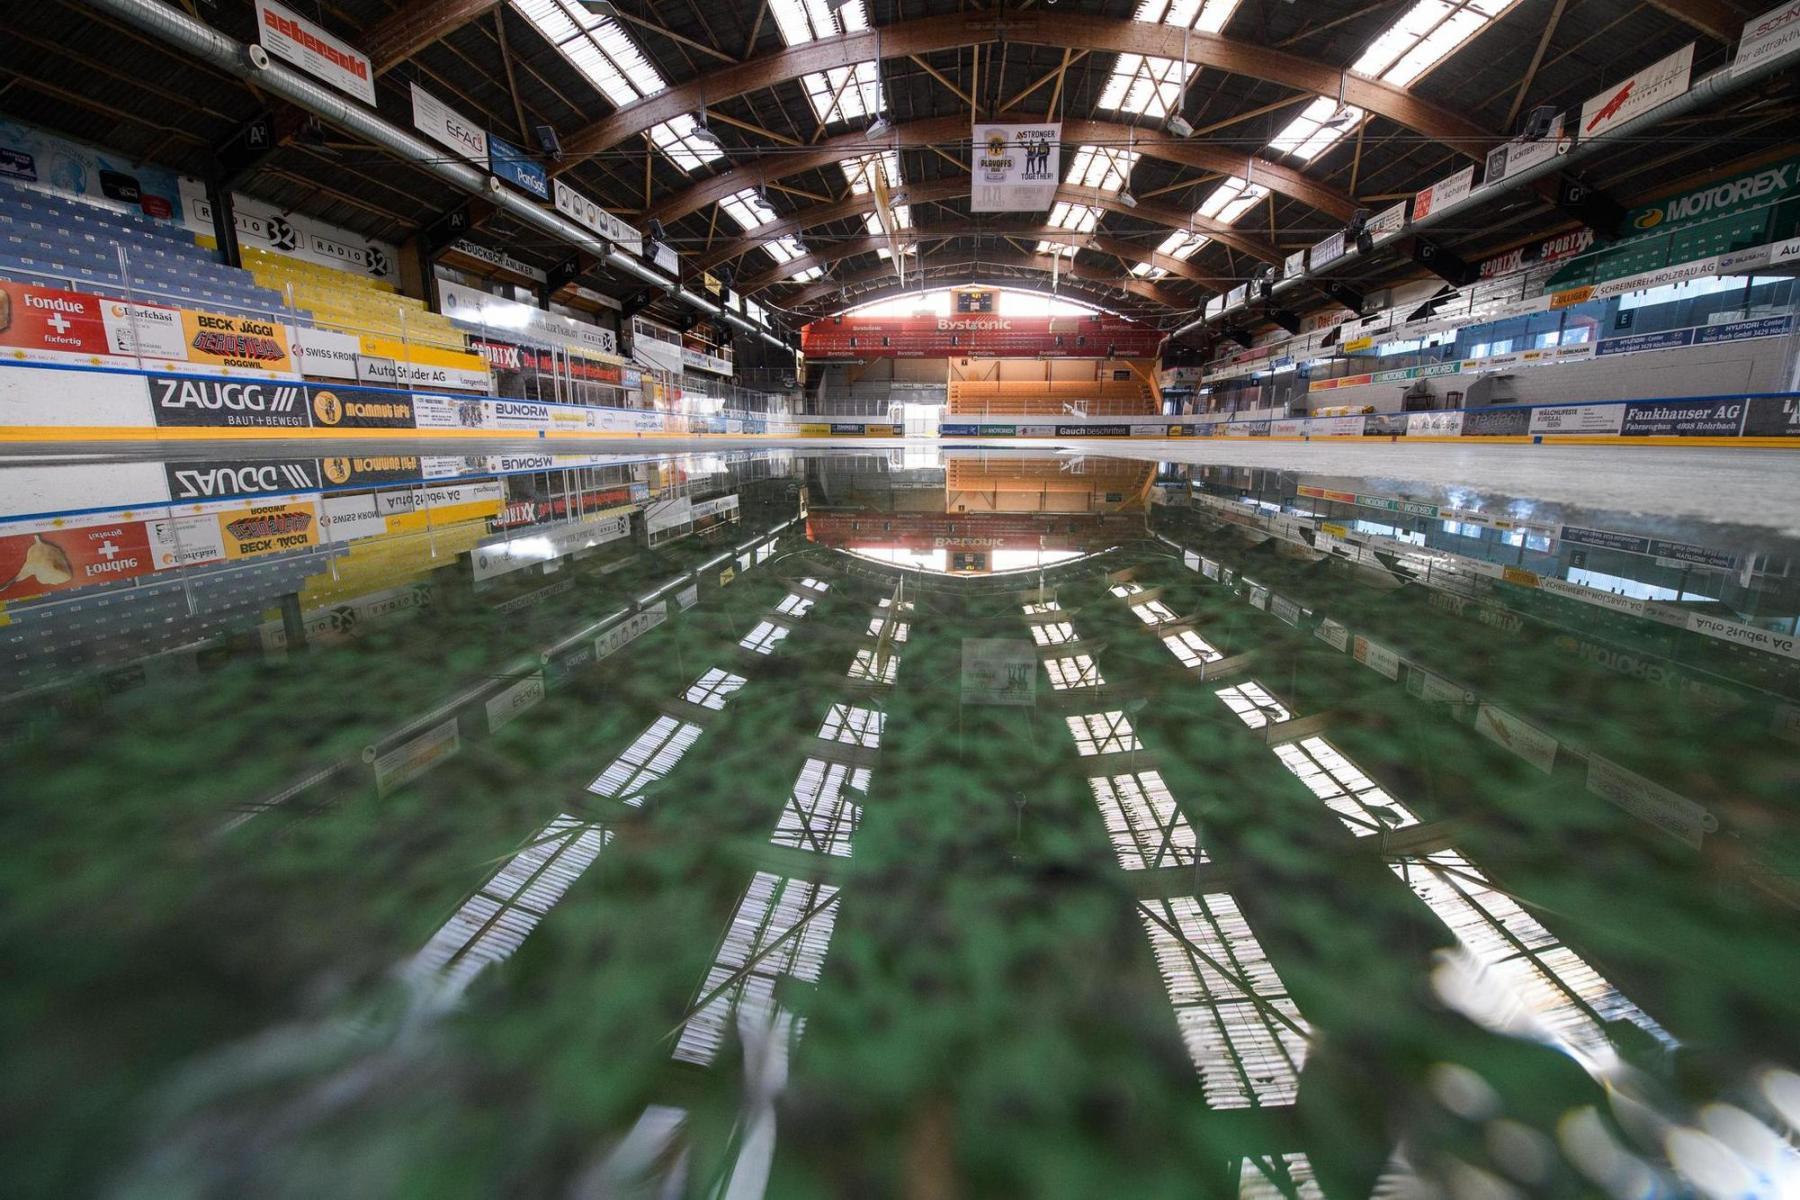 Die Eishalle Schoren in Langenthal am 24.3.2020 nach dem Abtauen des Eisfeldes. Die Eishockey-Saison wurde frühzeitig abgebrochen. Foto: Raphael Moser